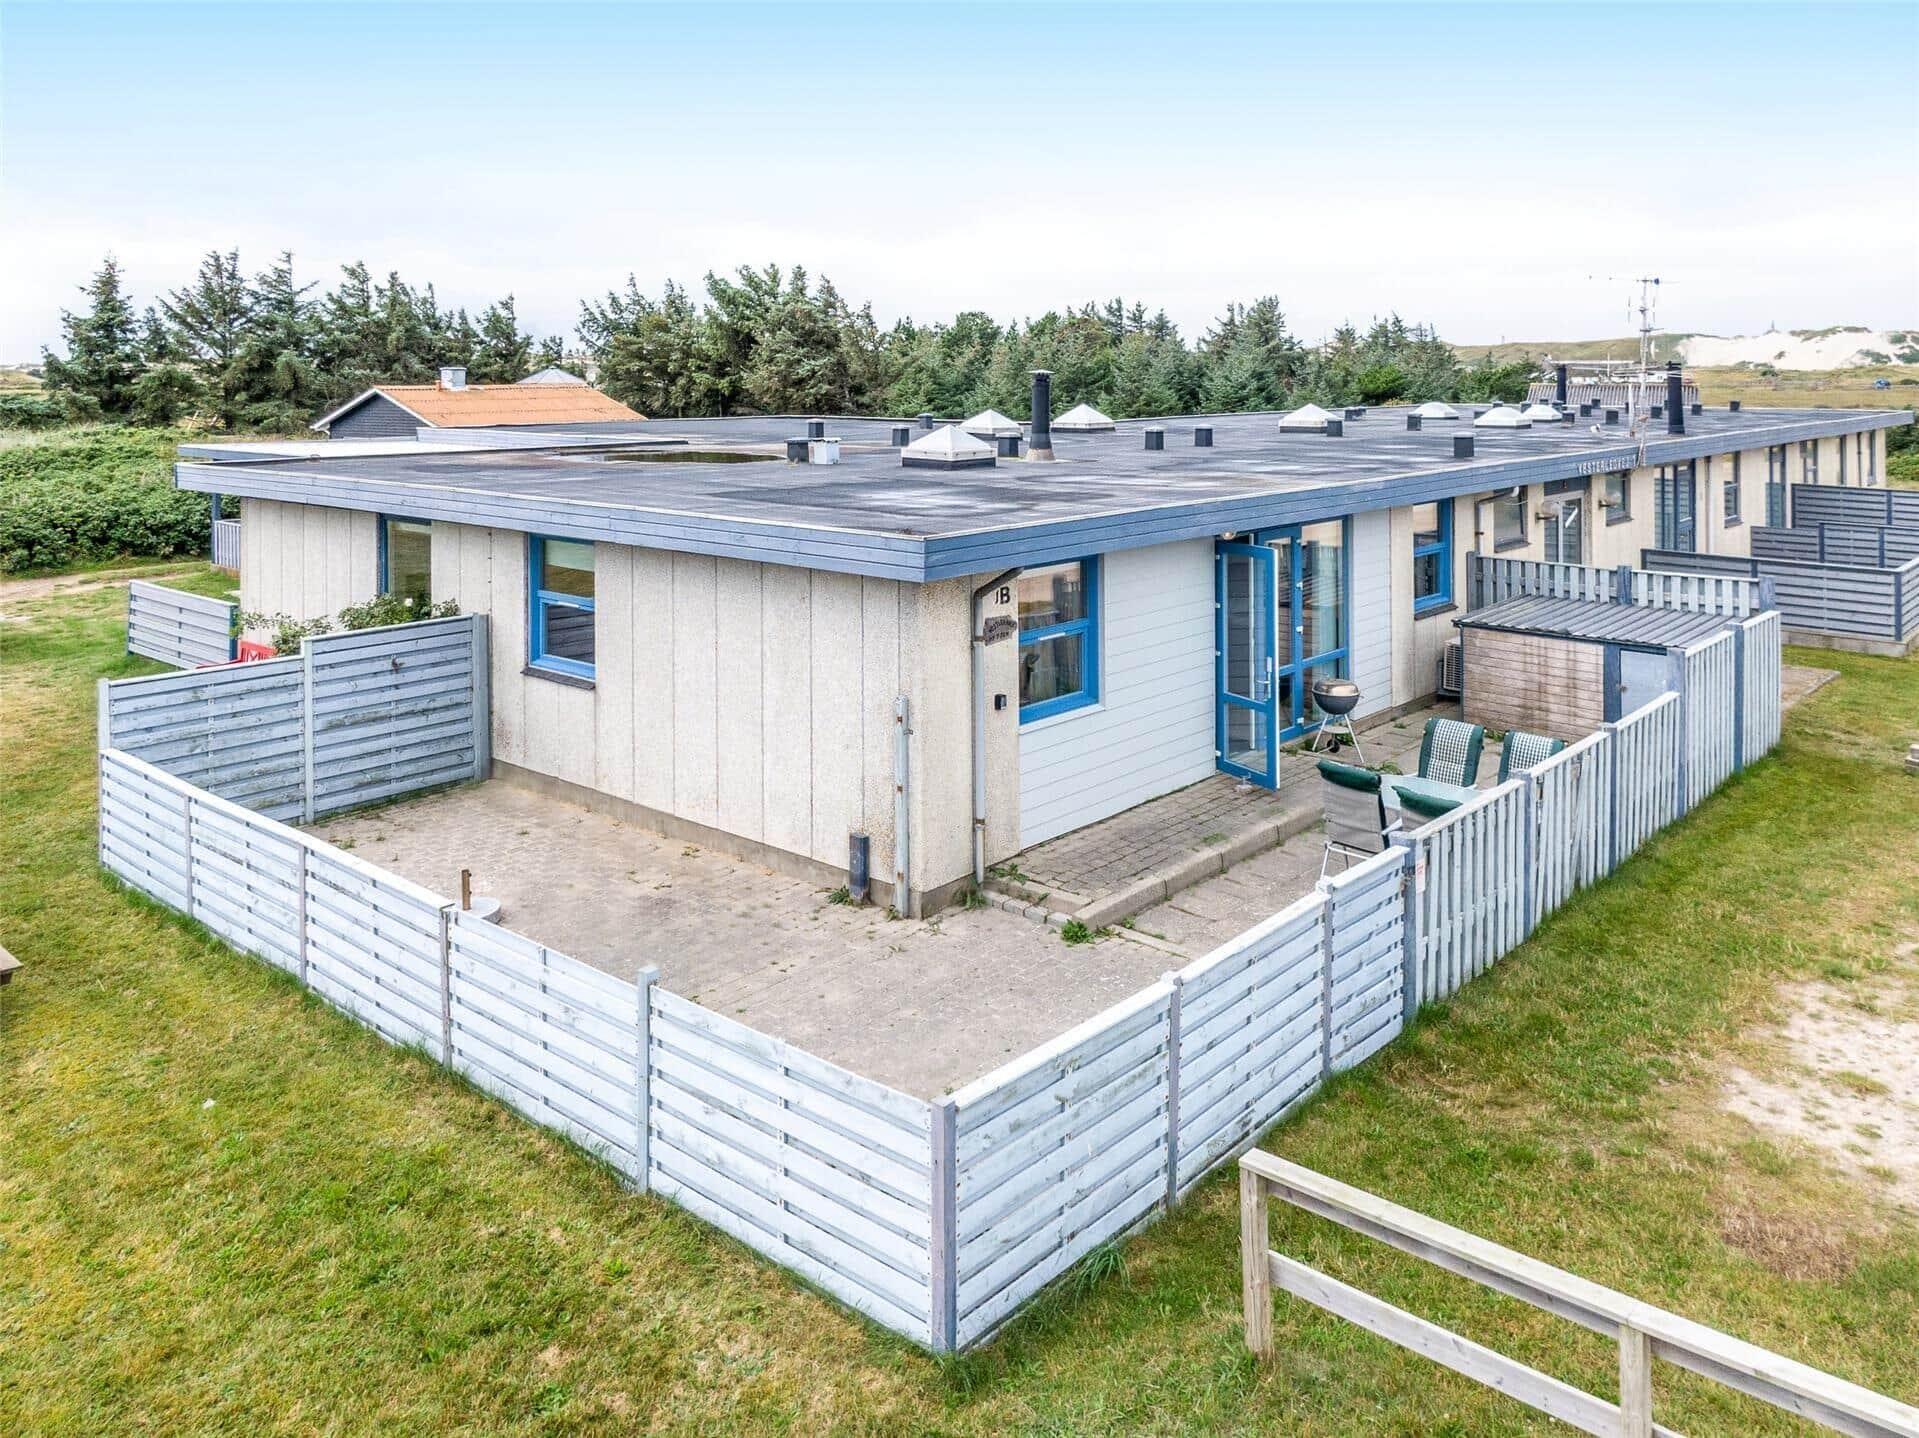 Billede 1-4 Sommerhus 506, Vesterledvej 1, DK - 6960 Hvide Sande